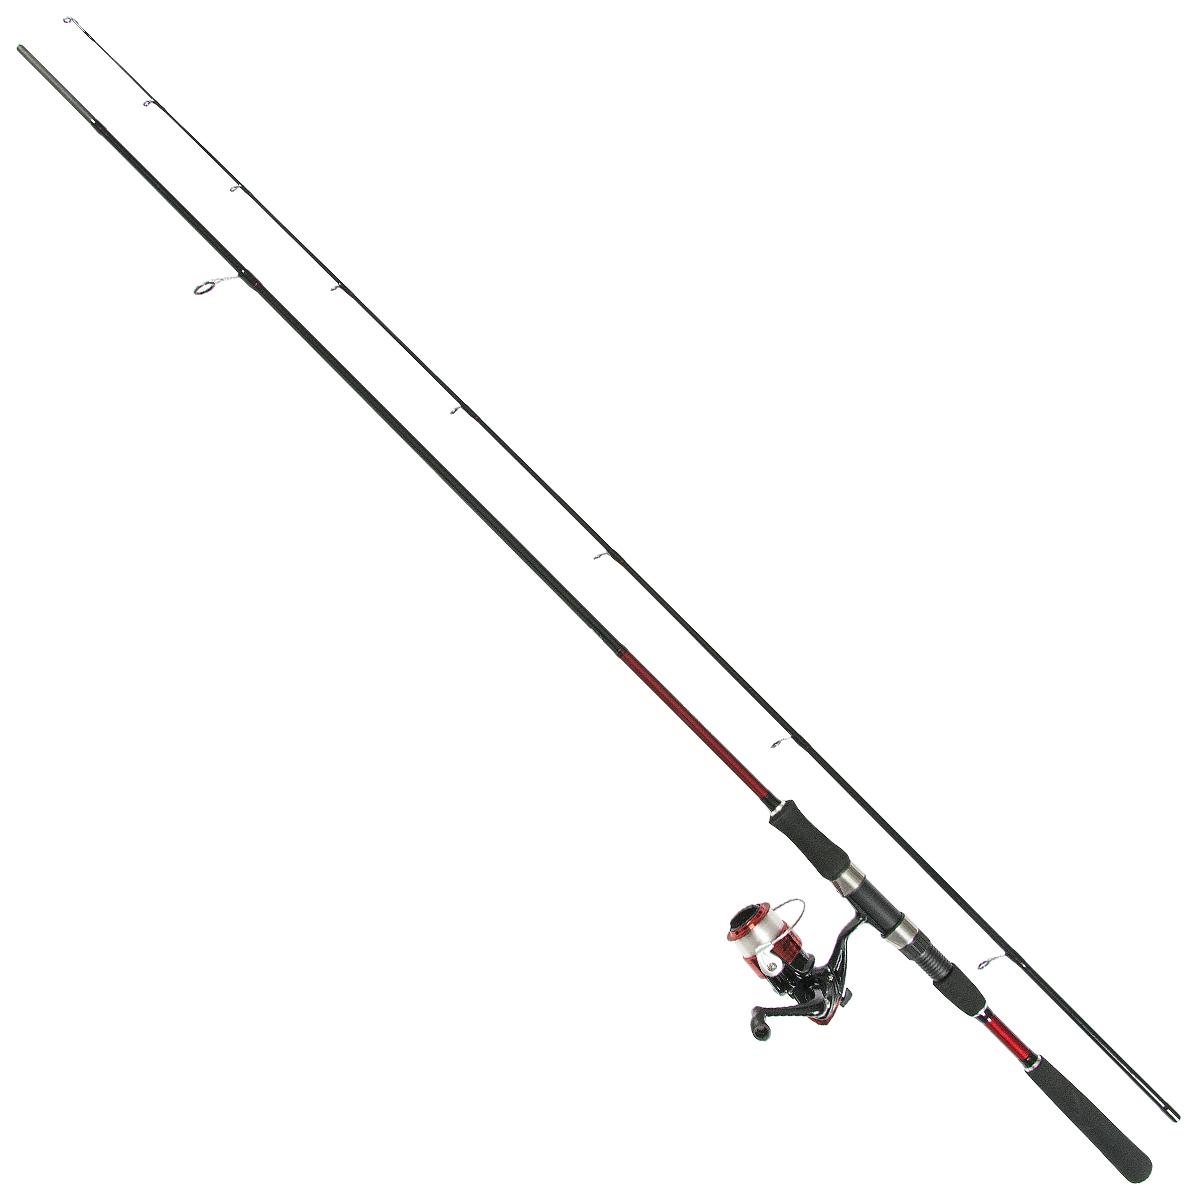 エギング セット 8.6フィート 同梱不可 人気の定番 スピニングリール付き 送料無料(一部地域を除く) 釣り竿